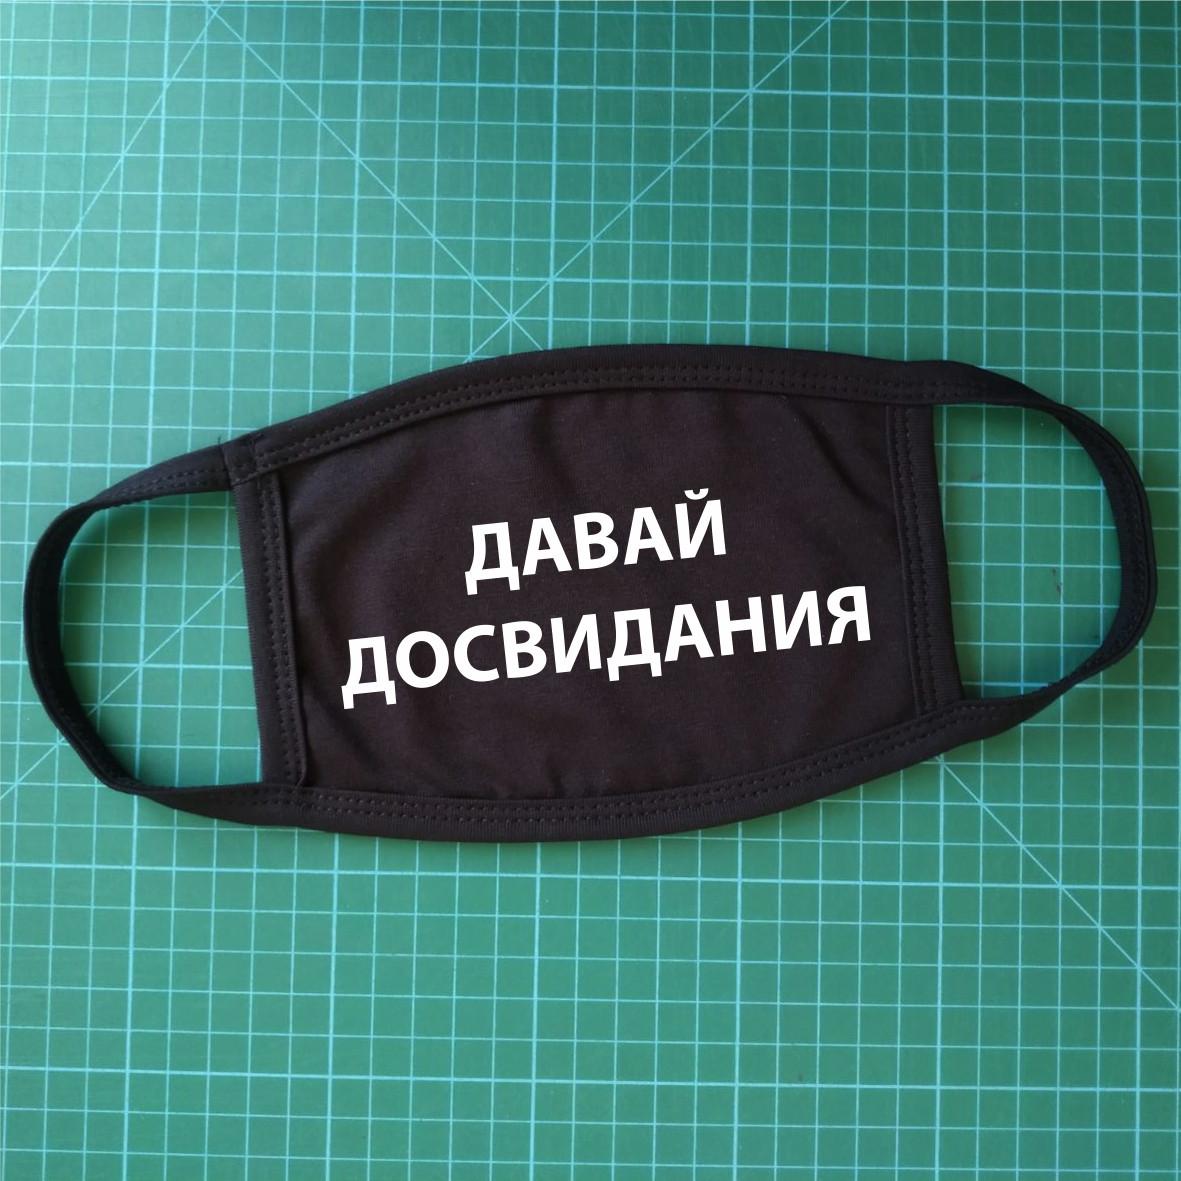 Тканинна сувенірна маска для обличчя. Давай досвиданья